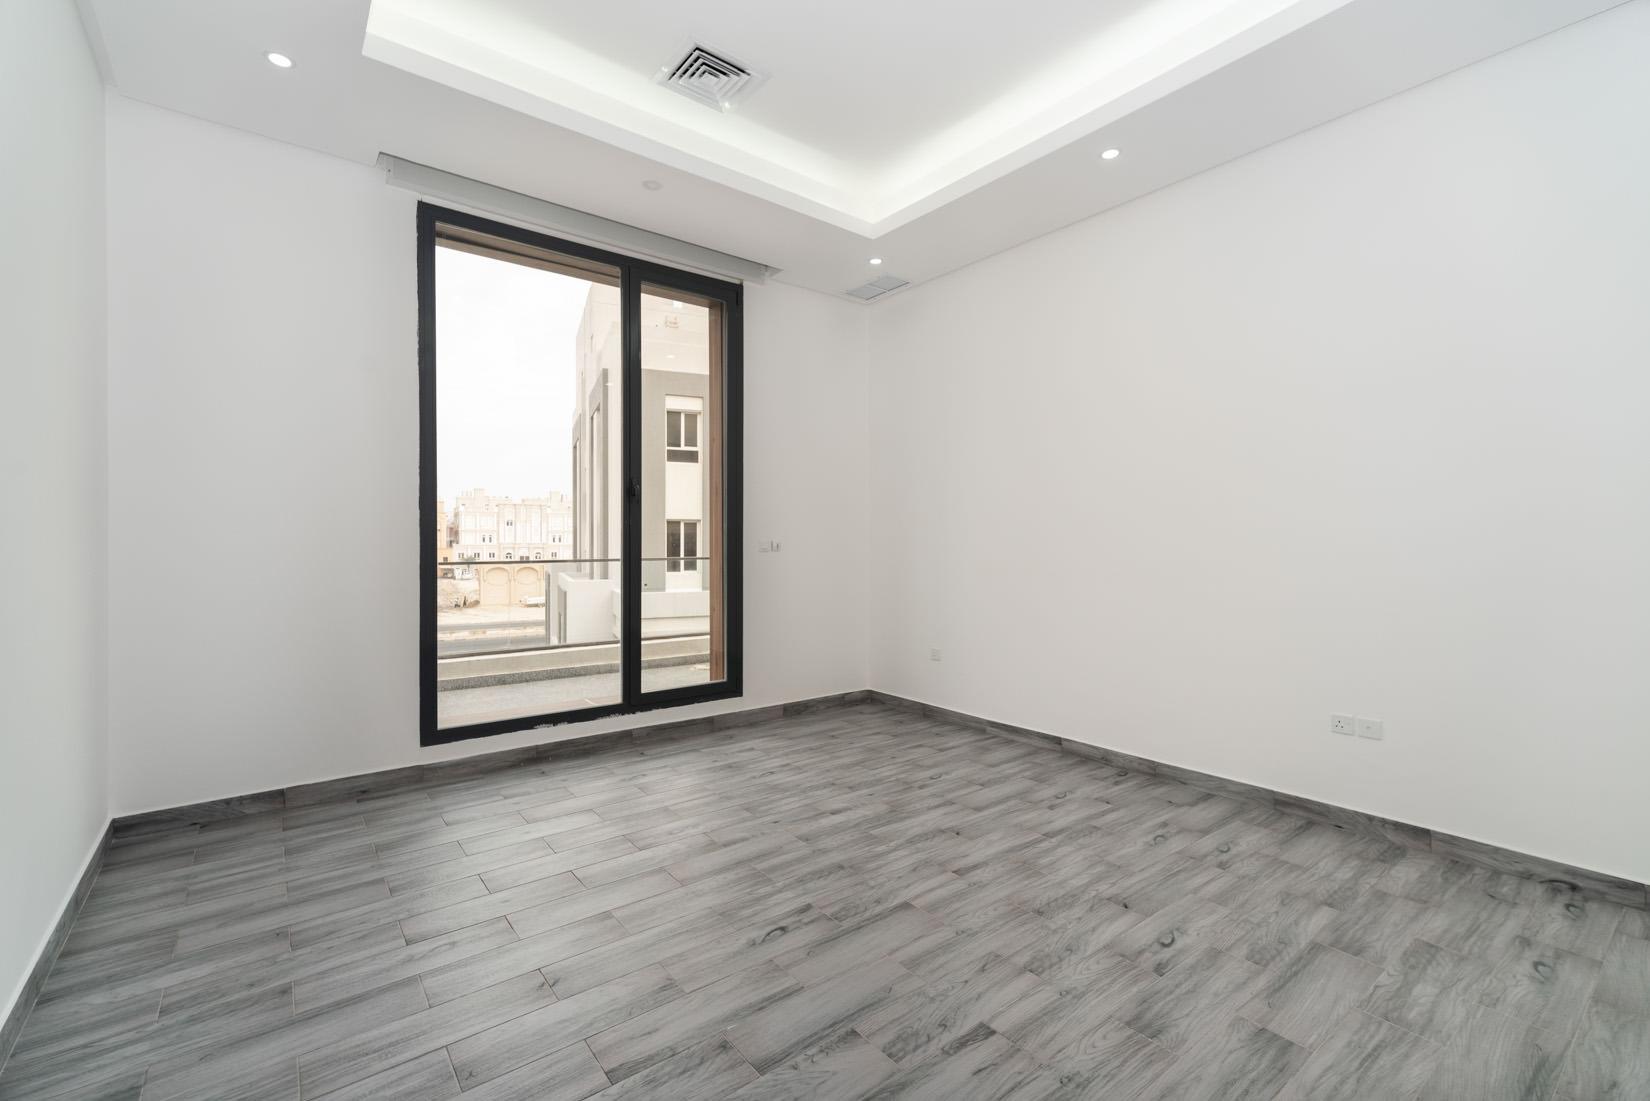 Abu Fatira – large, unfurnished four bedroom floor